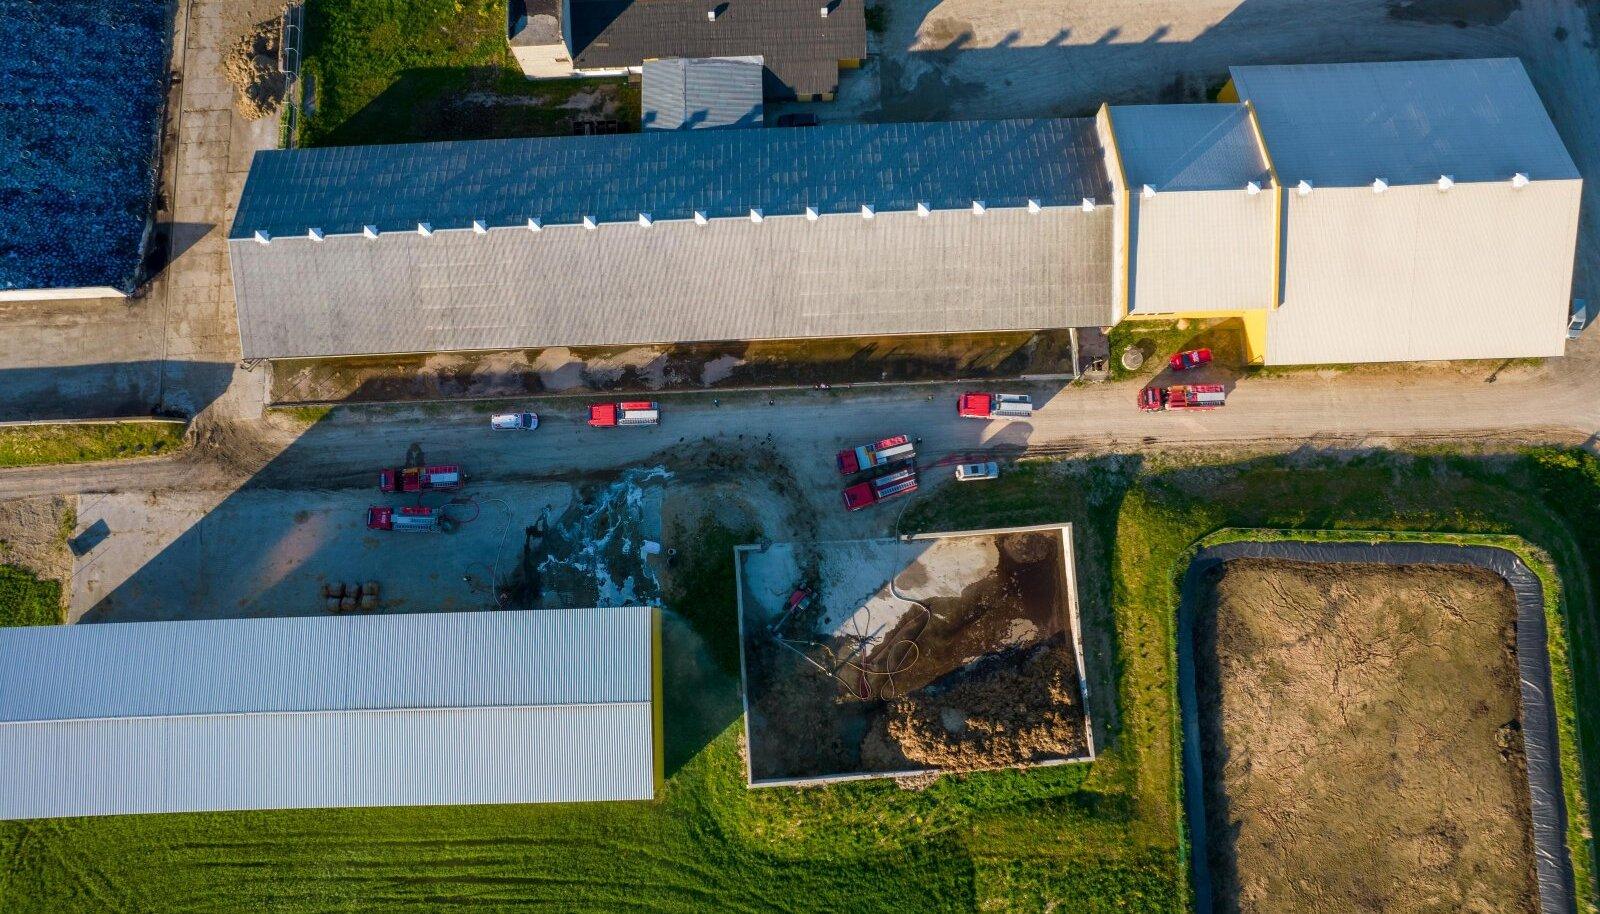 Jõgevamaal põlesid farmis põhupallid